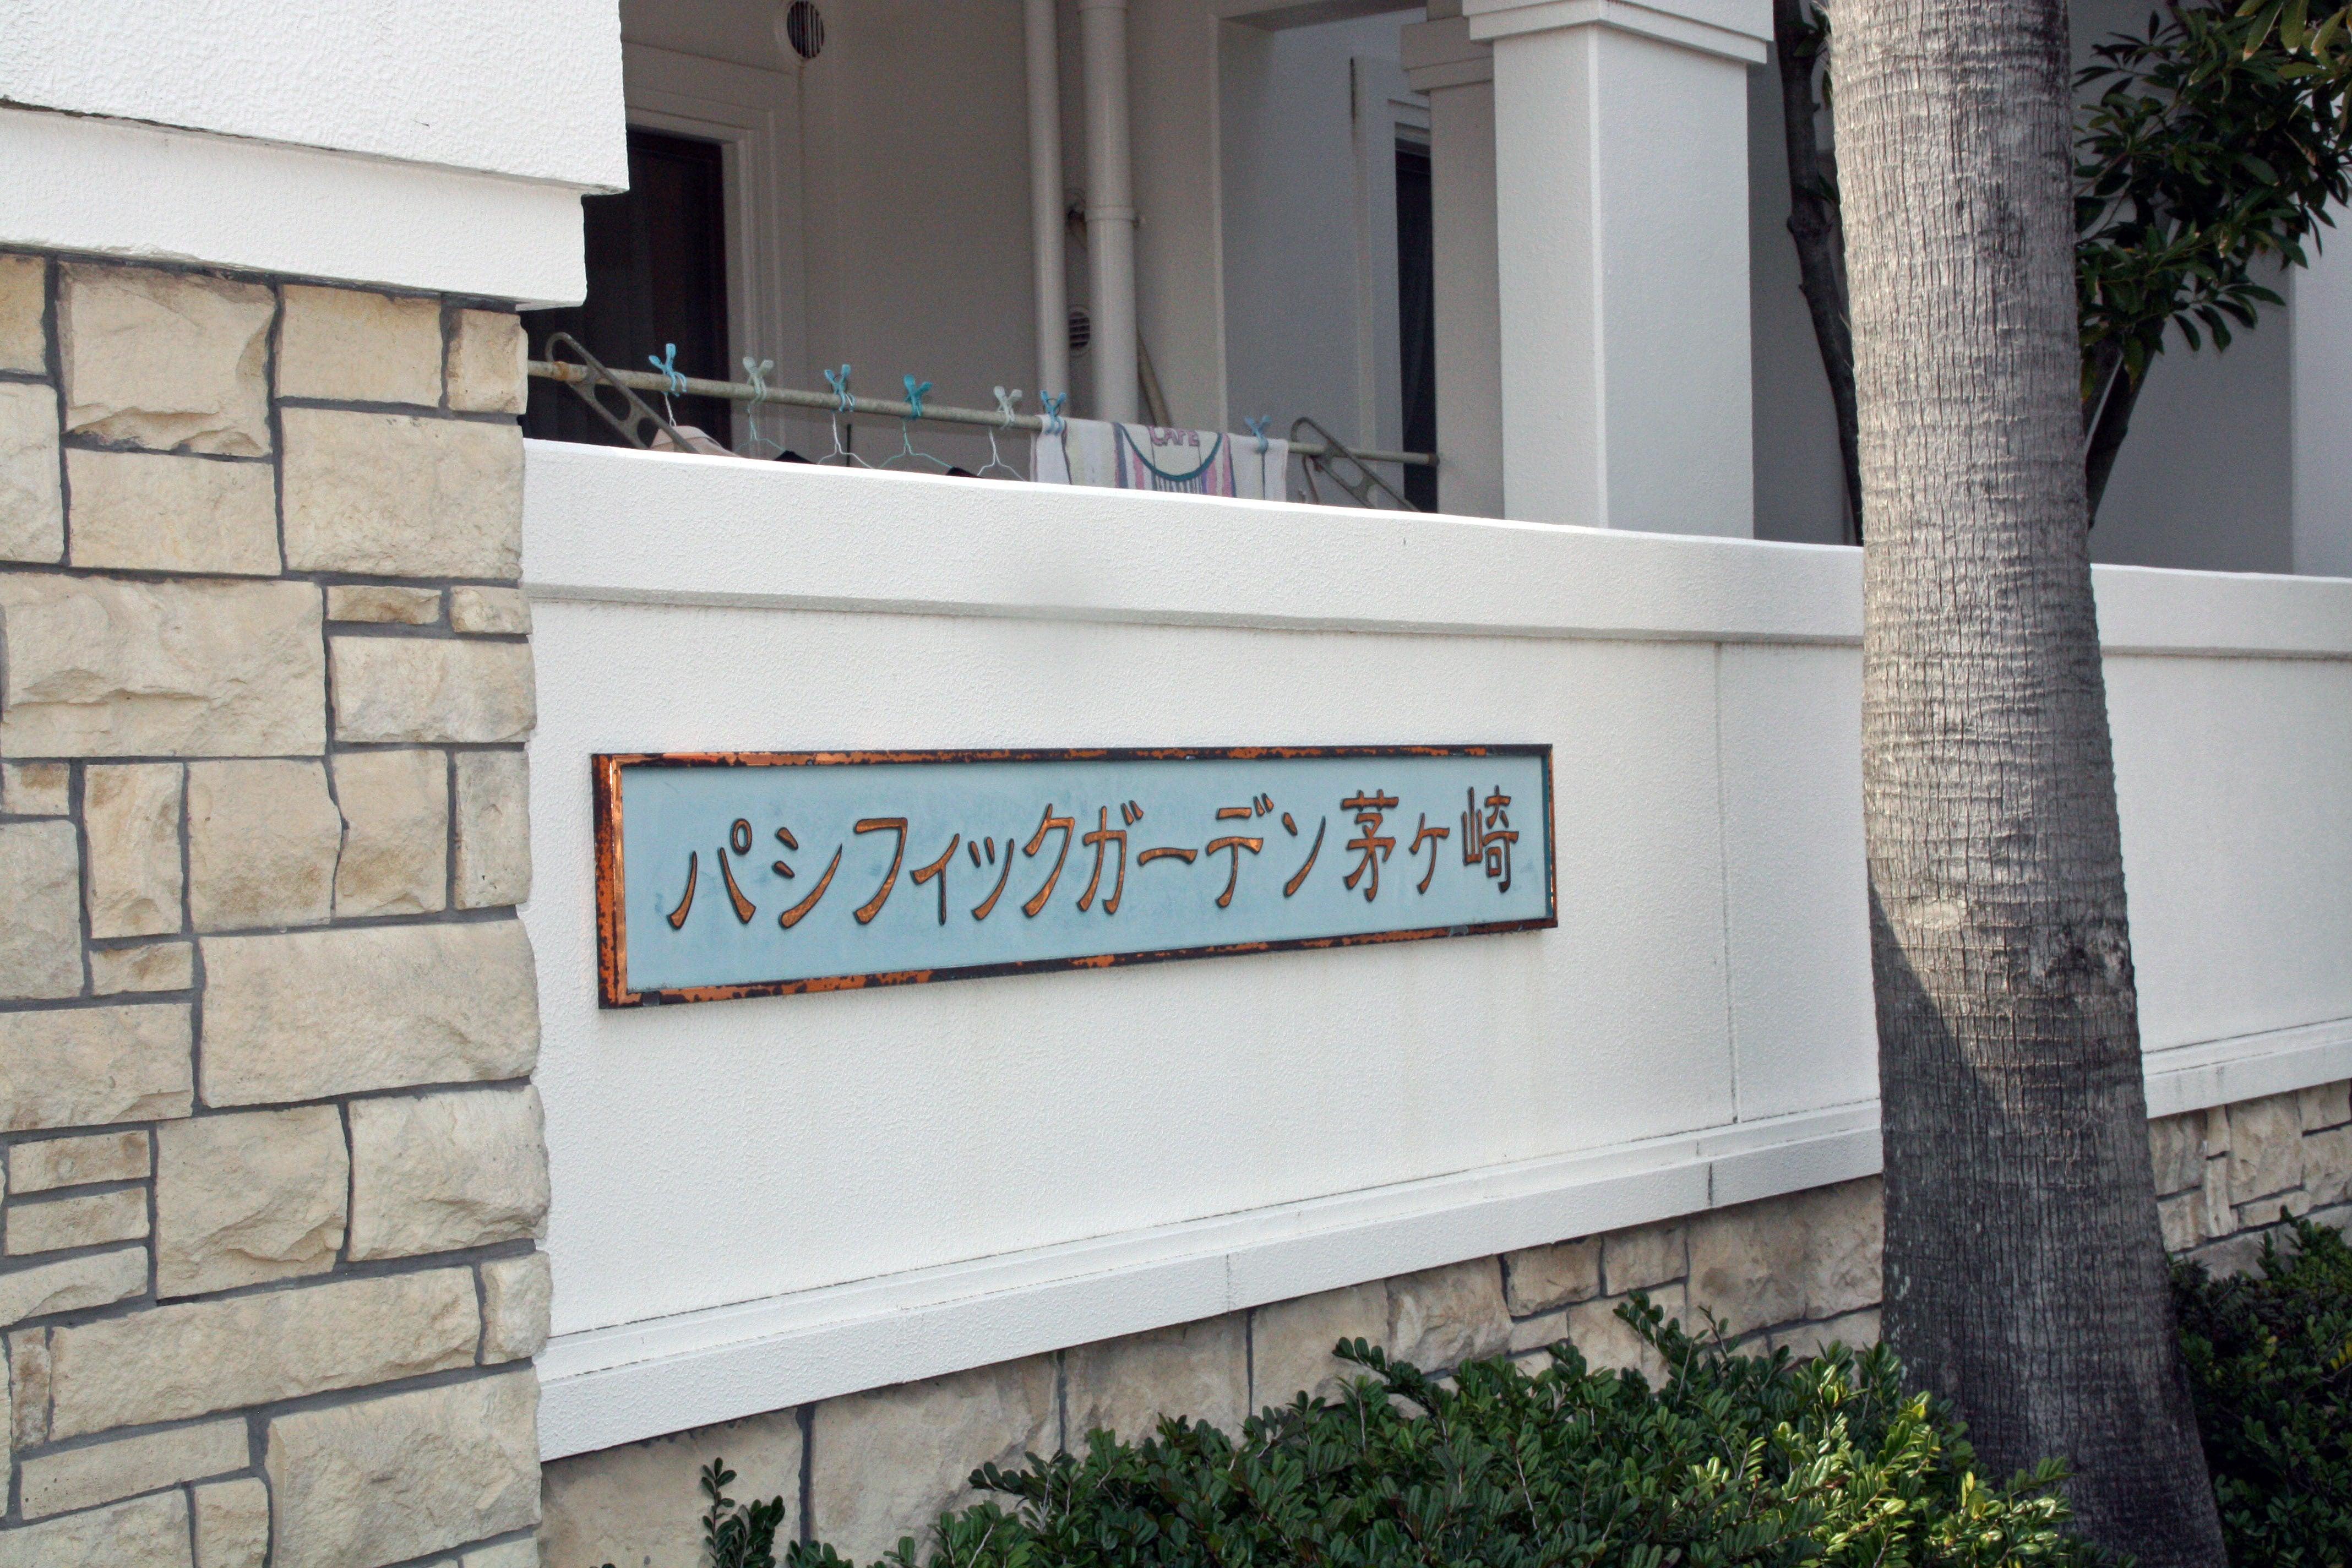 パシフィック・パーク茅ヶ崎   静岡のサザンフリークのブログ